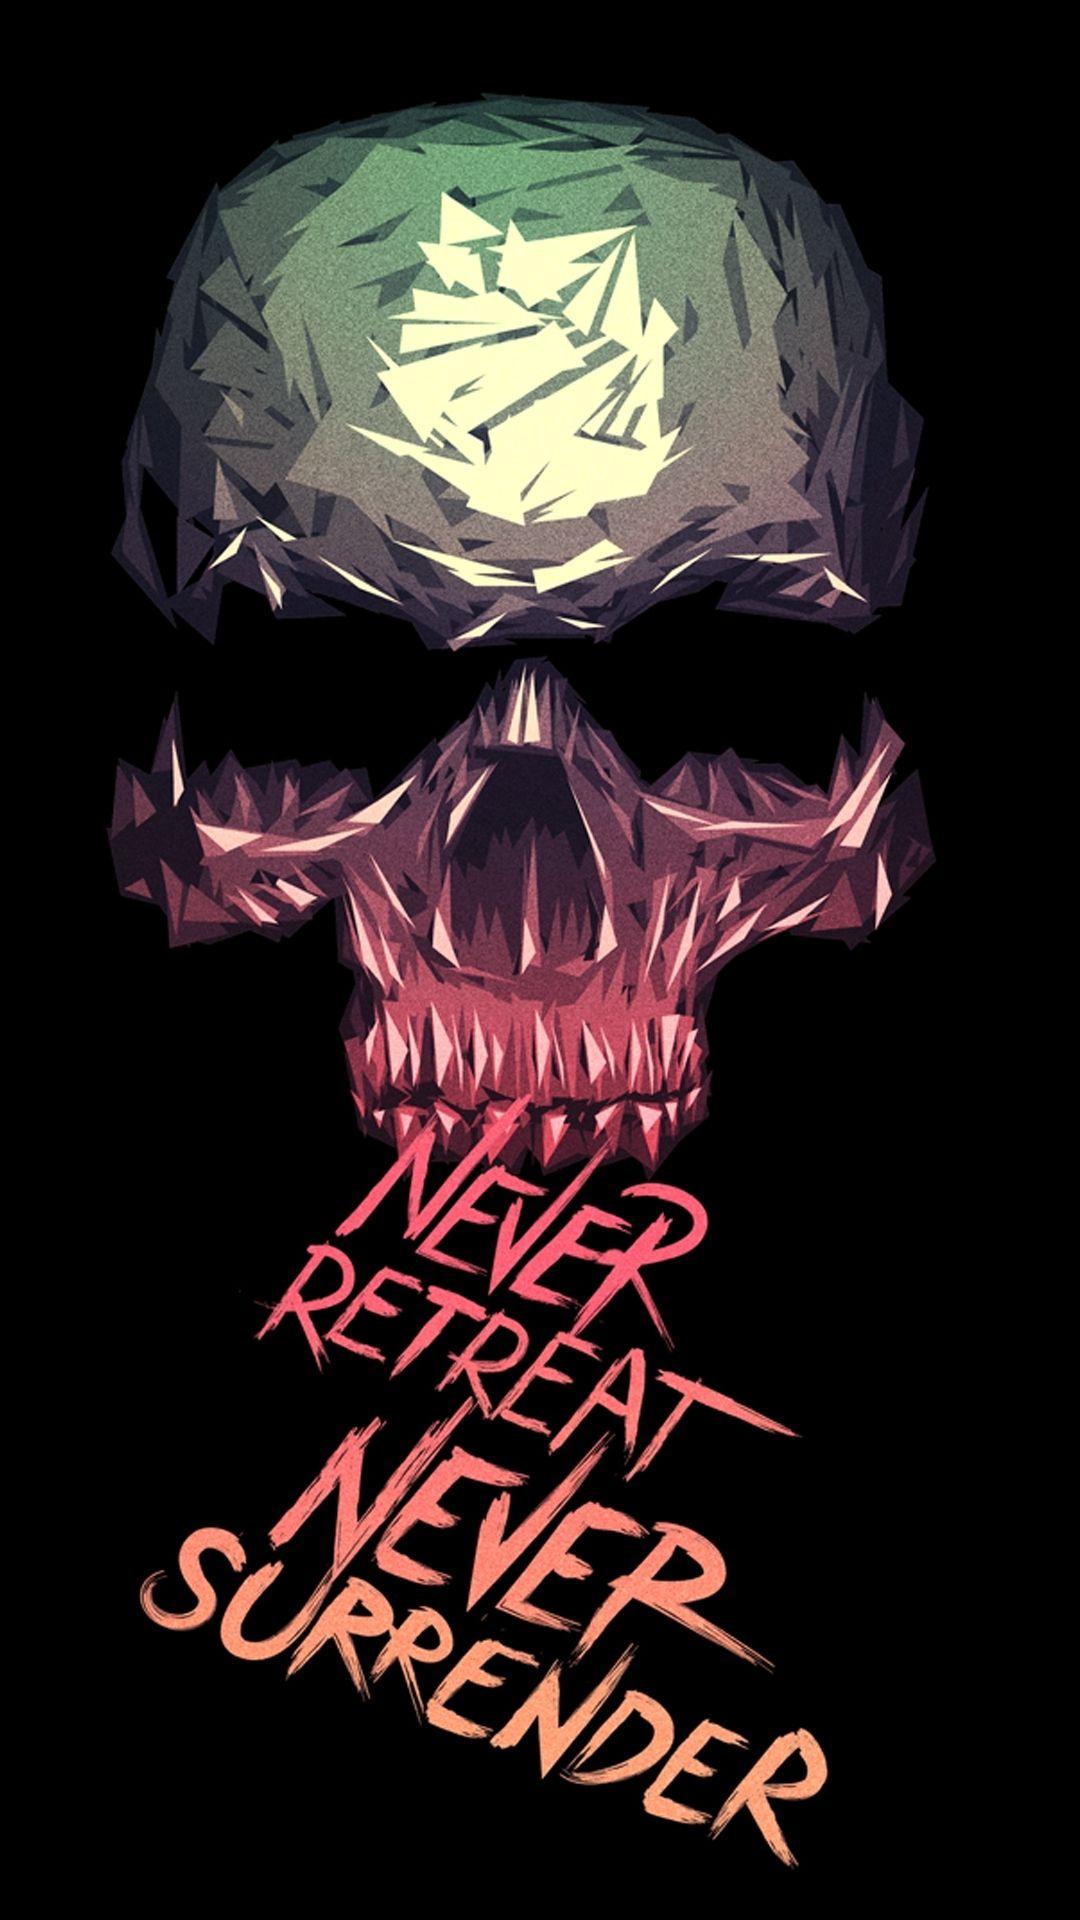 Never Retreat Surrender